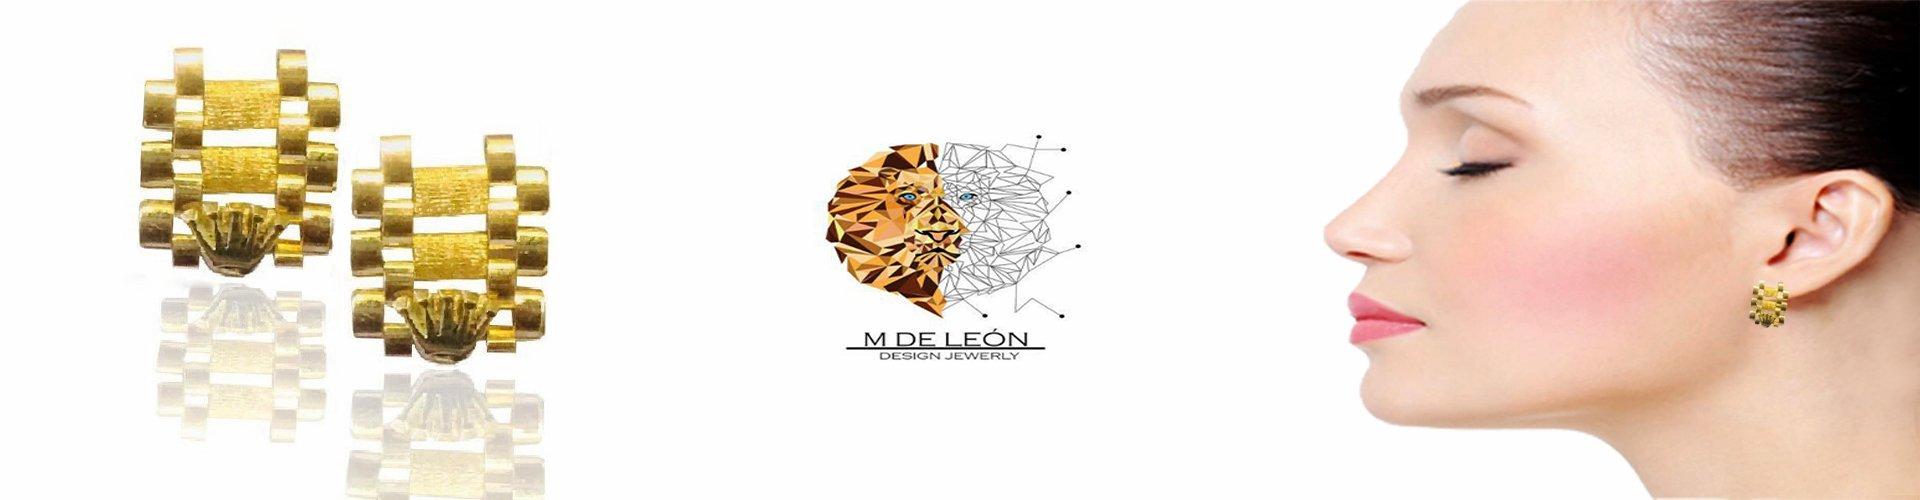 1d7e9c44818b Joyeria M De Leon